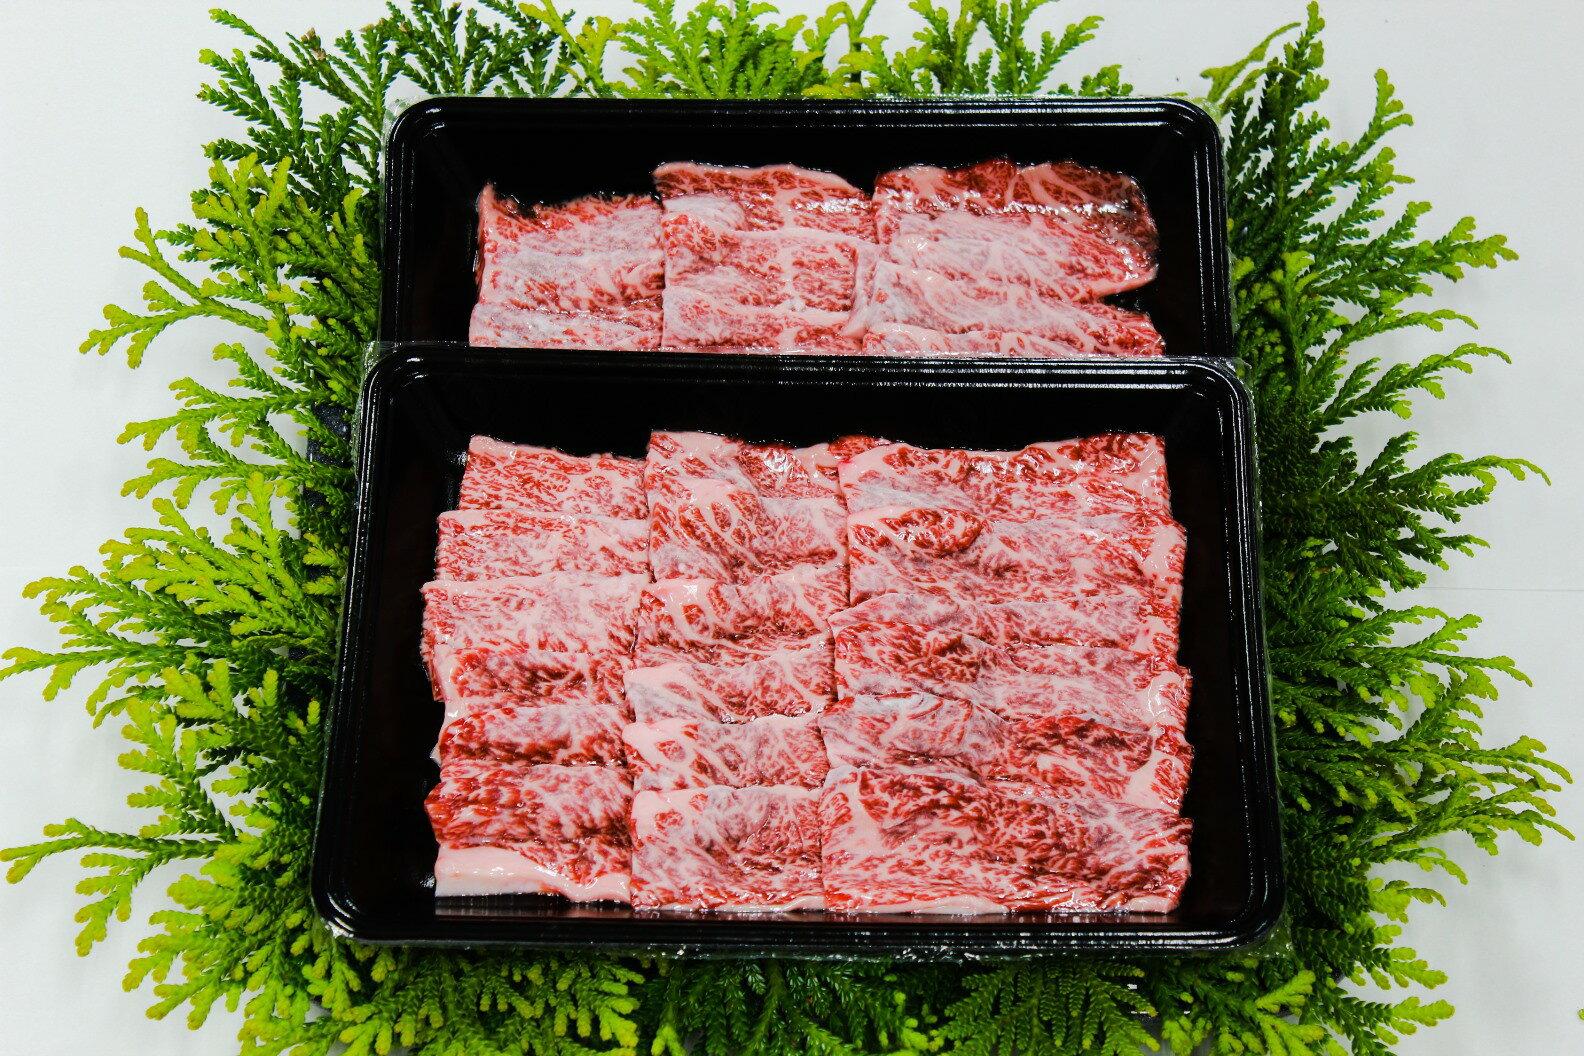 【ふるさと納税 長野】麻績産極上黒毛和牛バラ焼肉用 350g×2パック